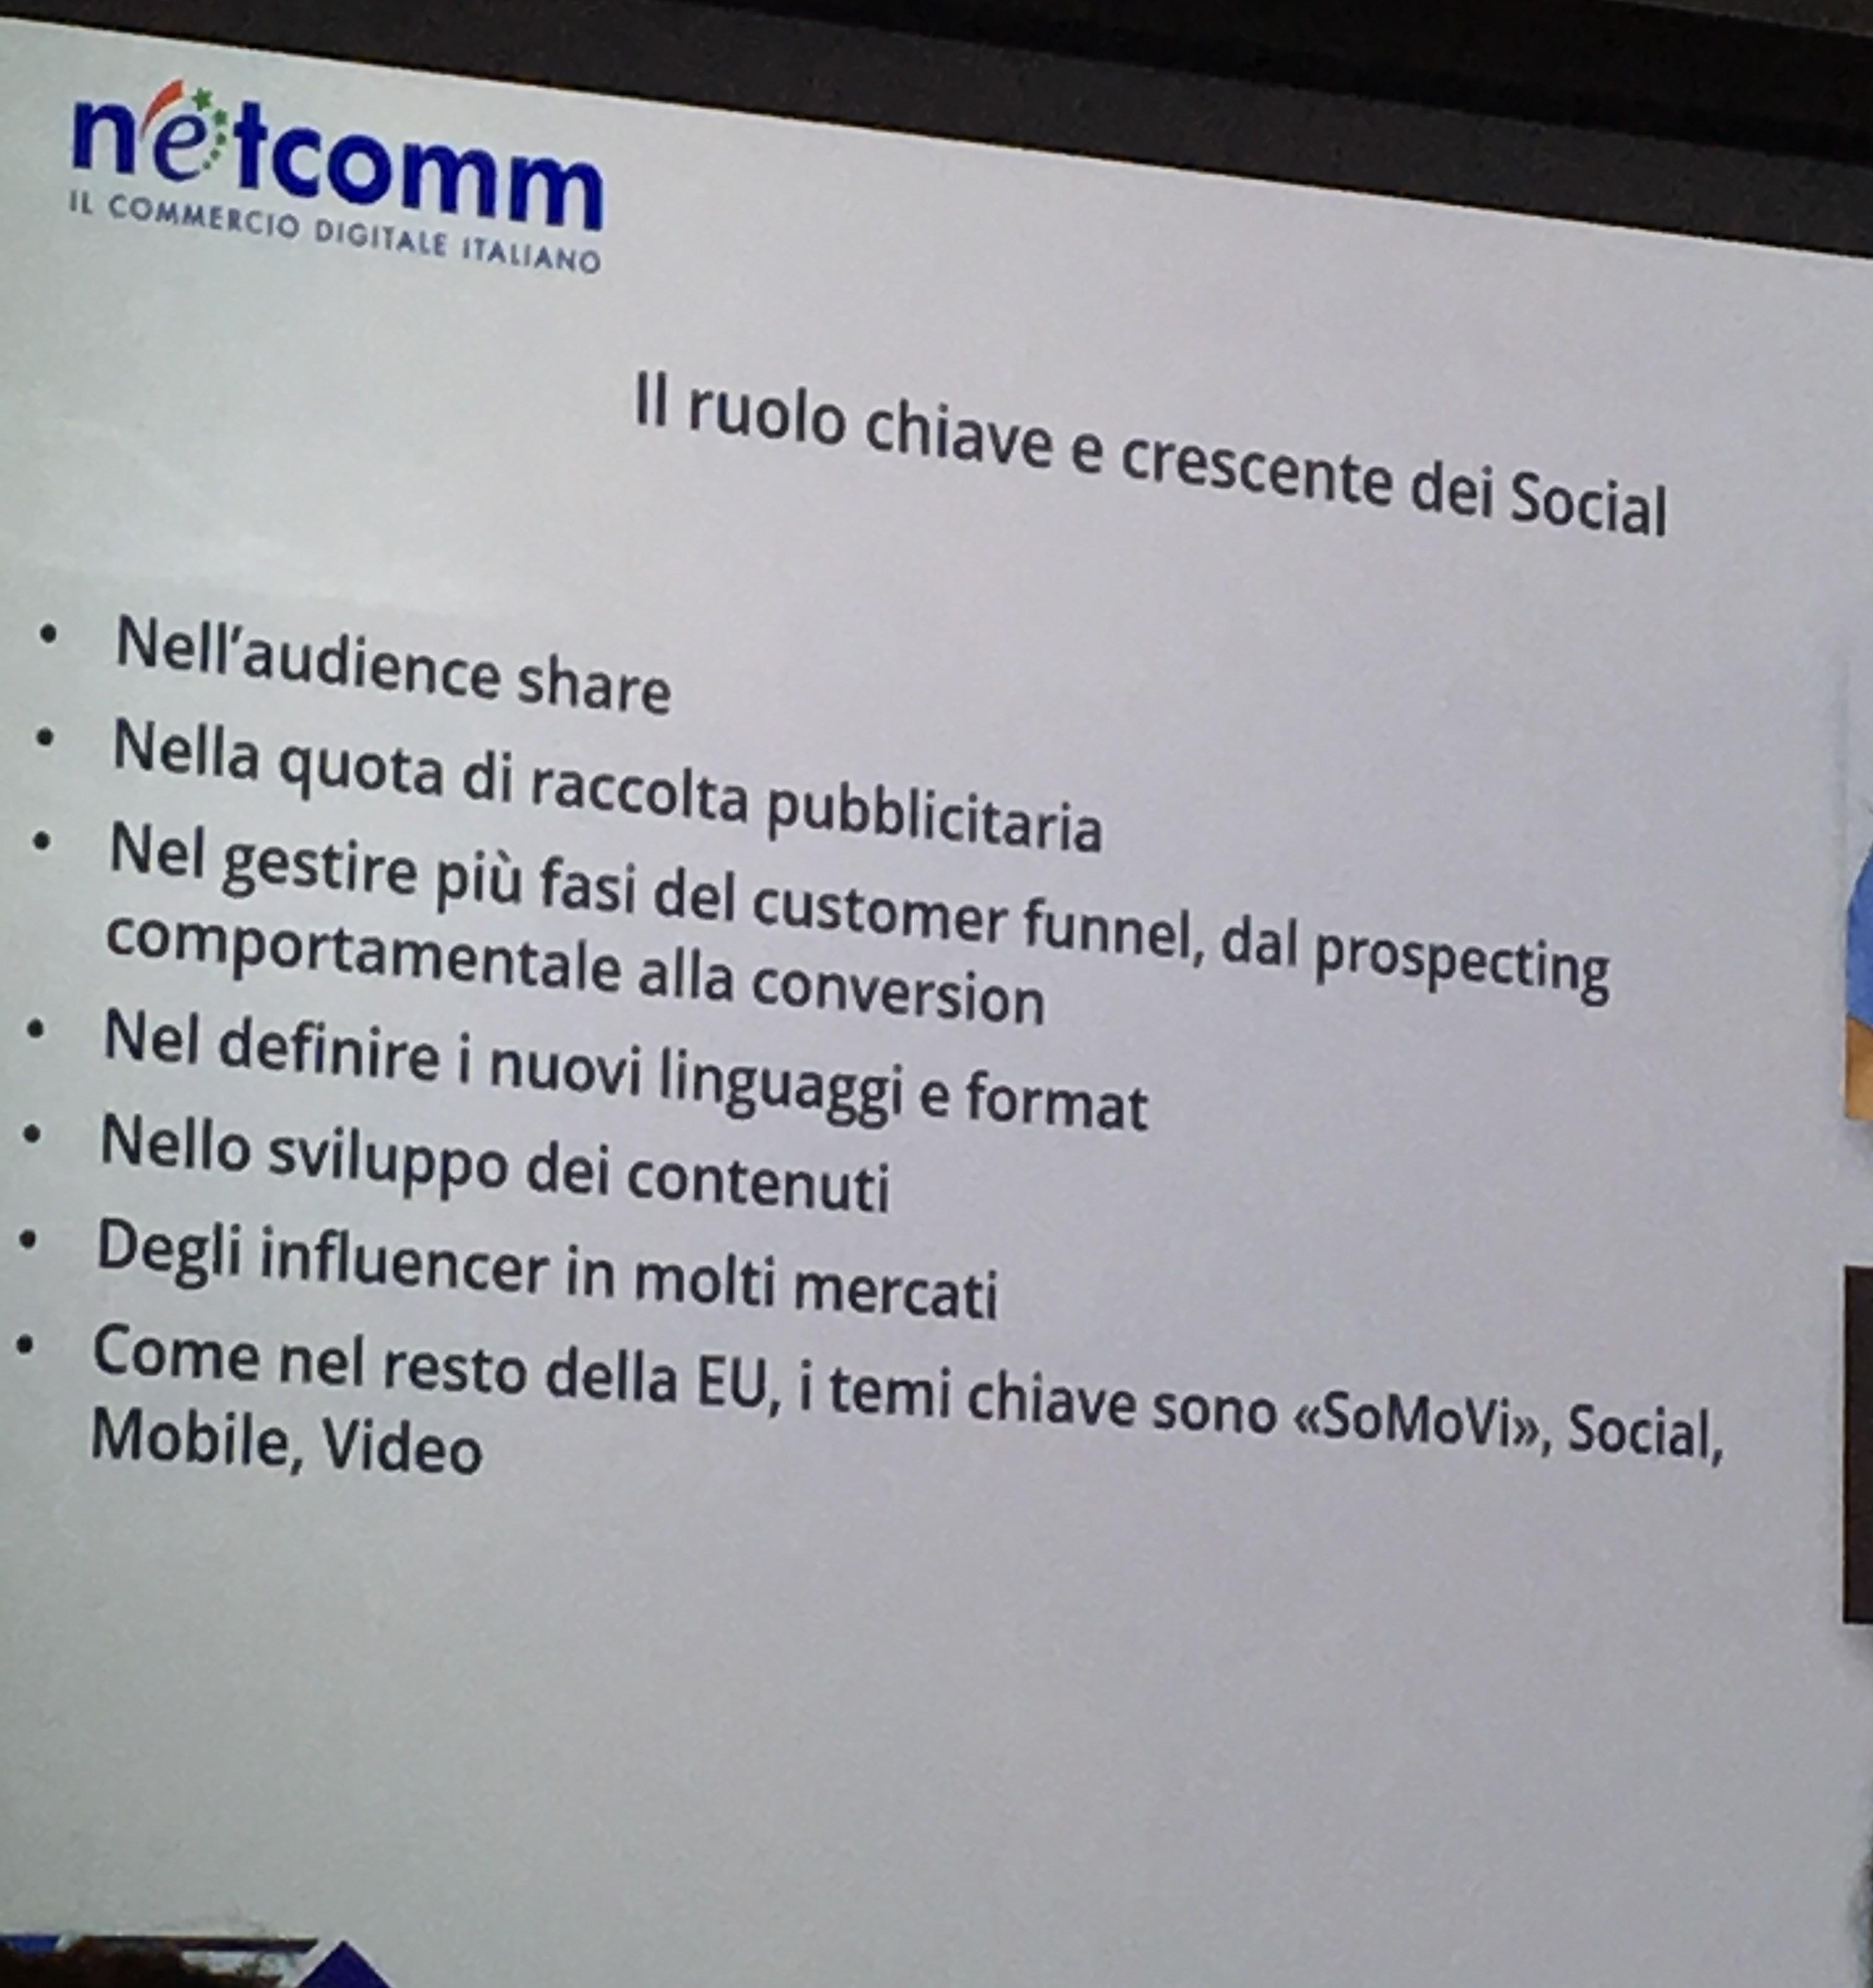 social netcomm